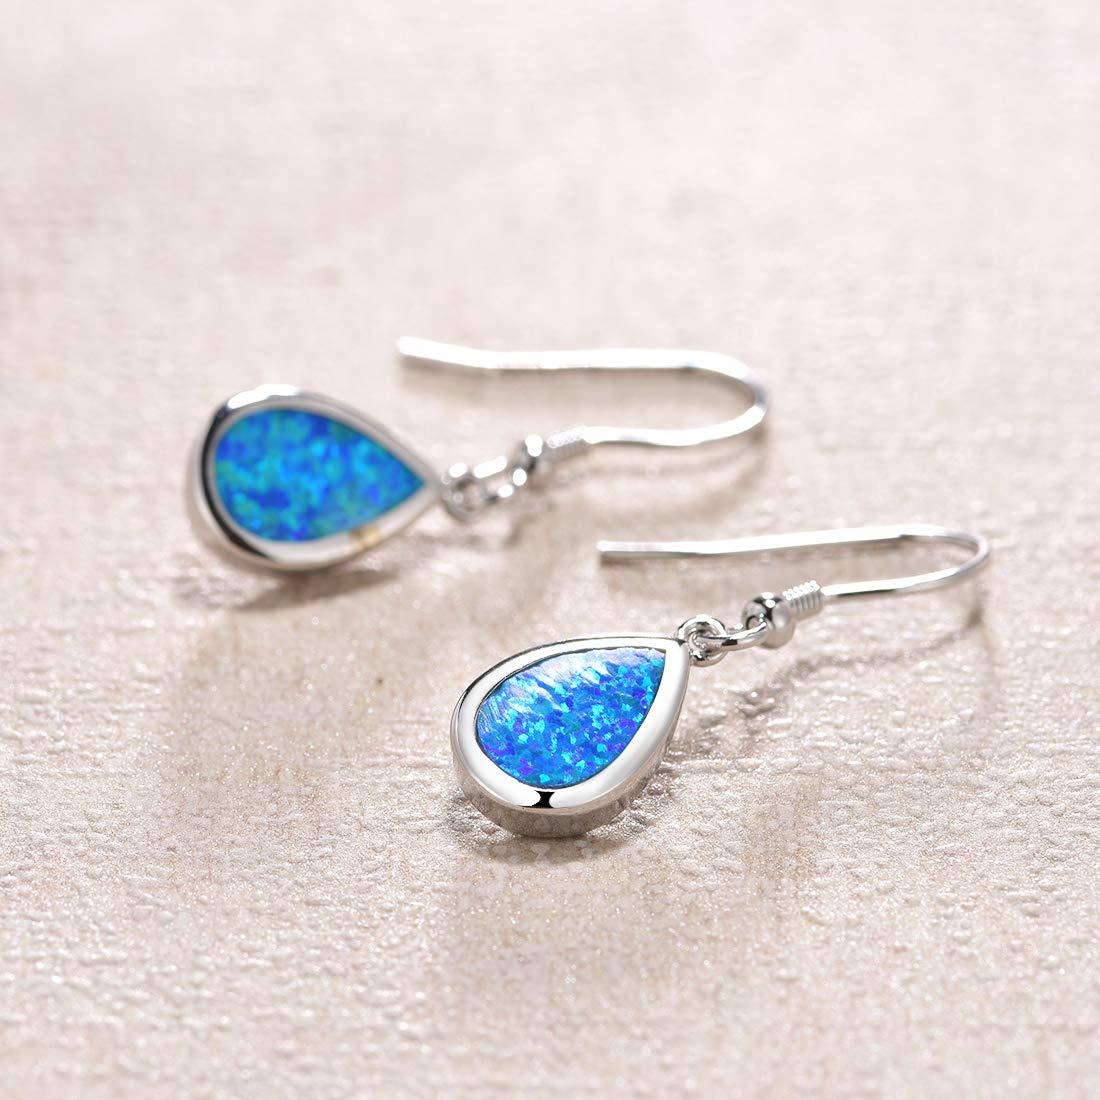 FANCIME Sterling Silver Opal Teardrop Dangle Earrings Blue White Dainty Pear Shaped Hook Small Waterdrop Earrings Jewelry for Women Girls